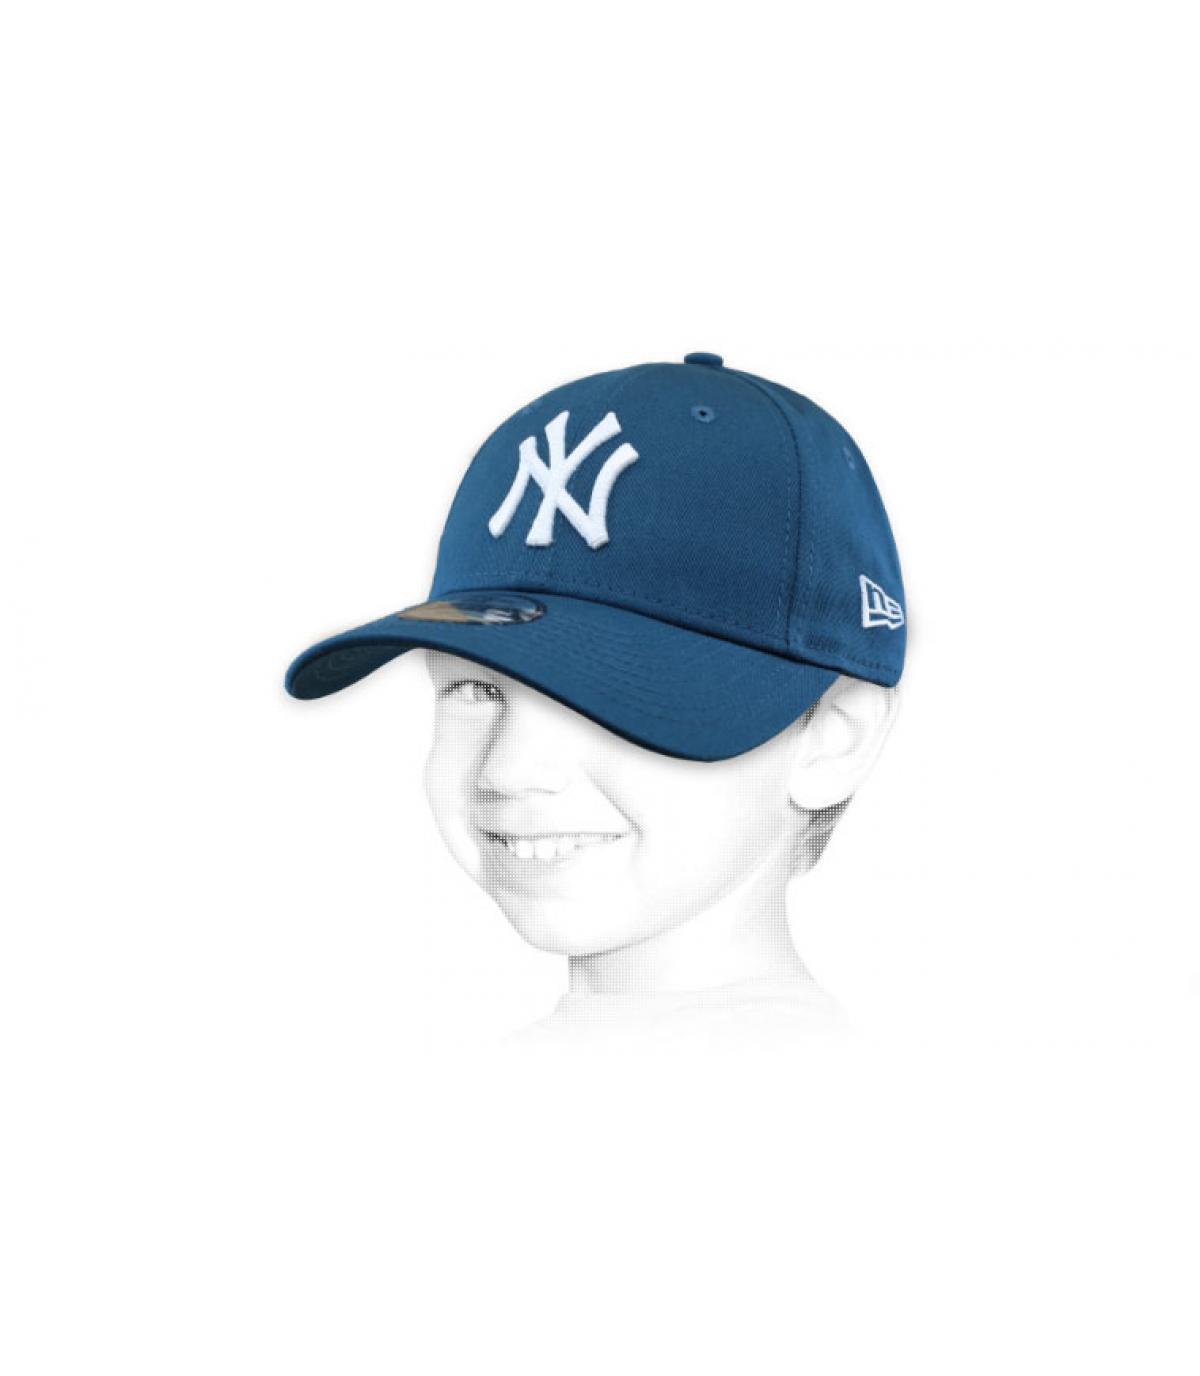 blue NY kids cap